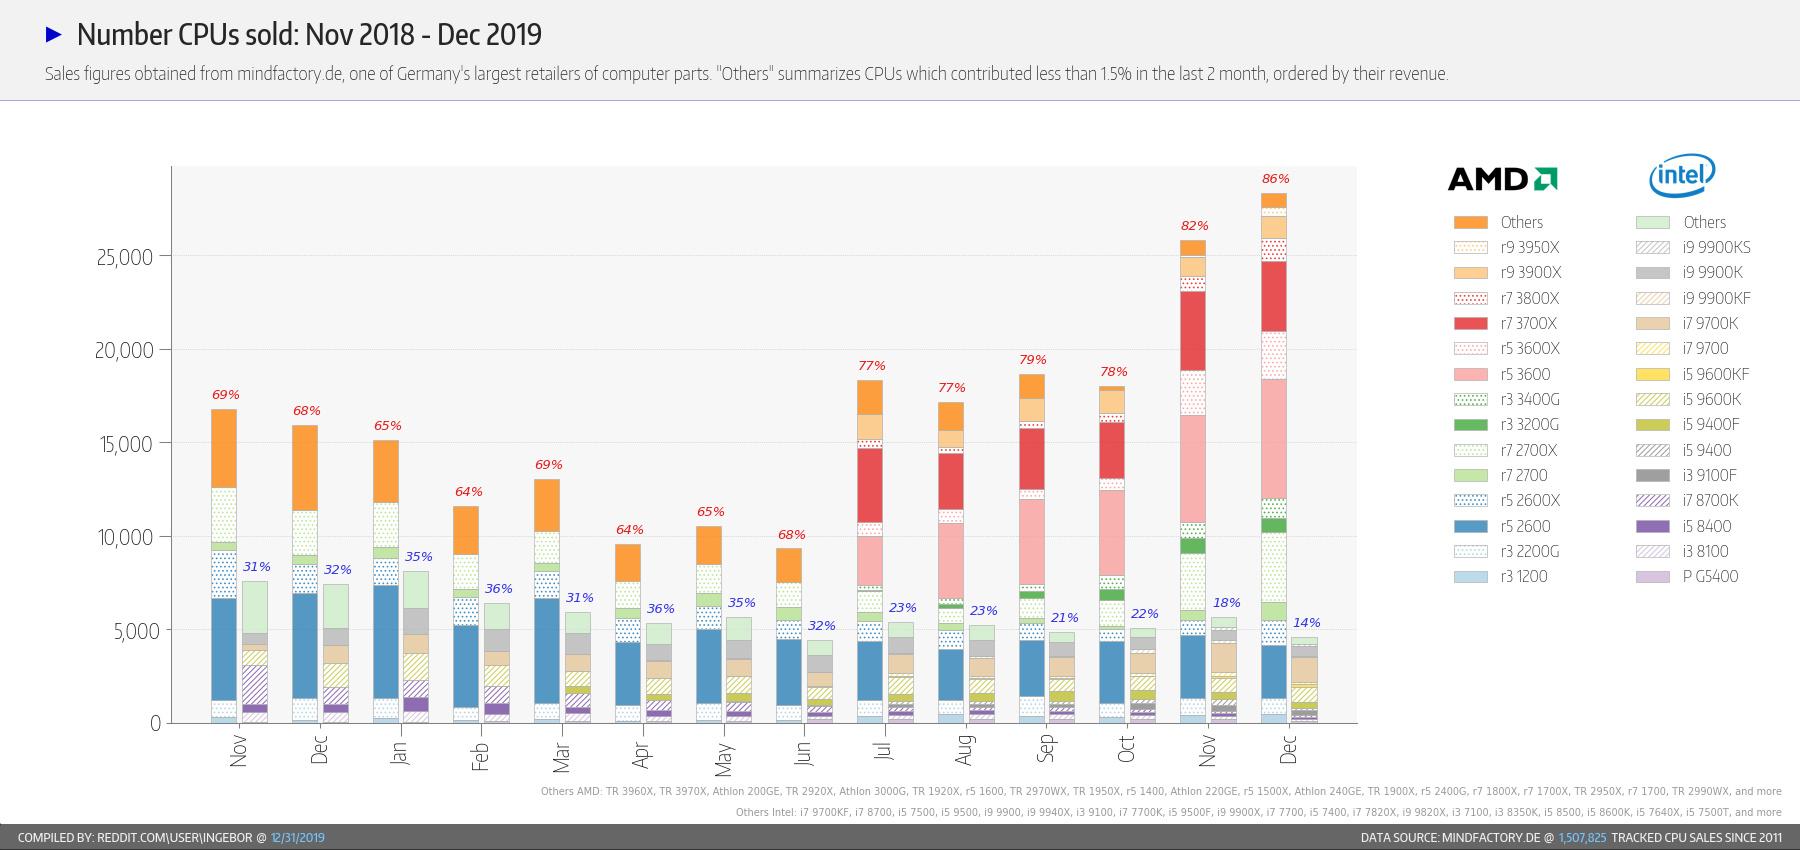 CPU-Marktanteile nach Absatz bei Mindfactory im Dezember 2019